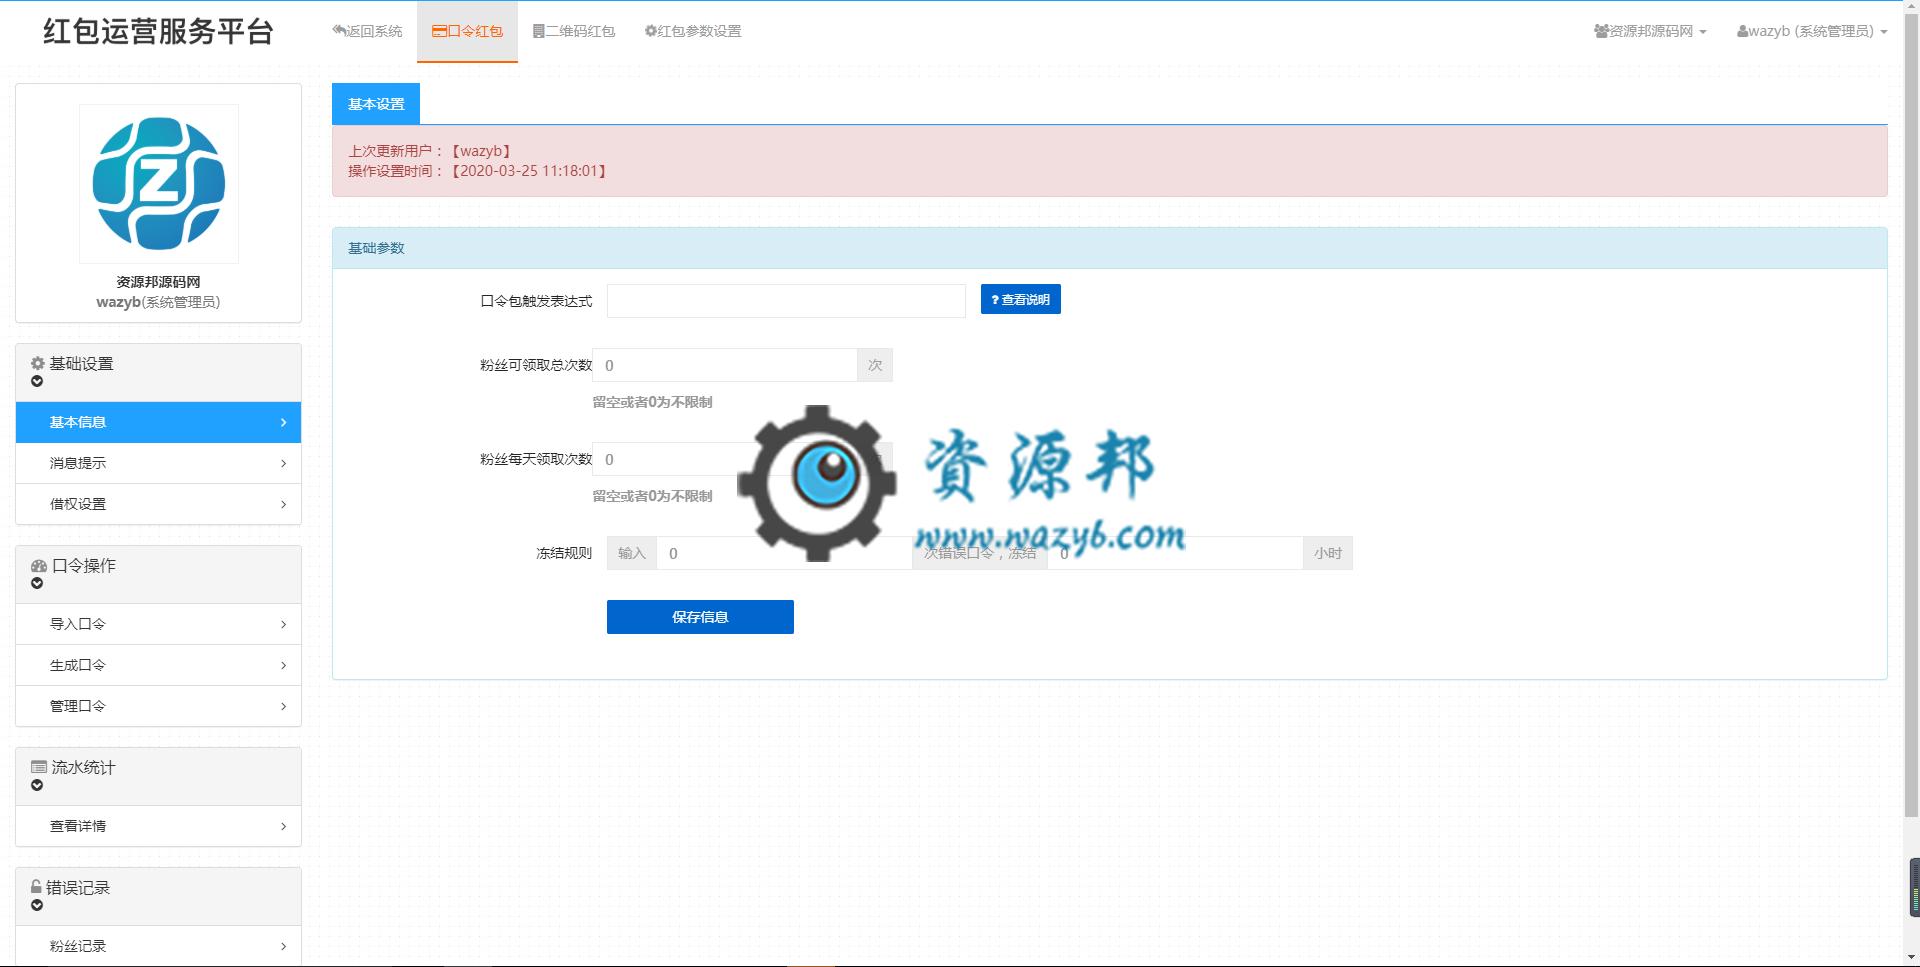 【永久会员专享】黄河·二维码口令红包正版打包更新【更新至V9.0.6】 第2张